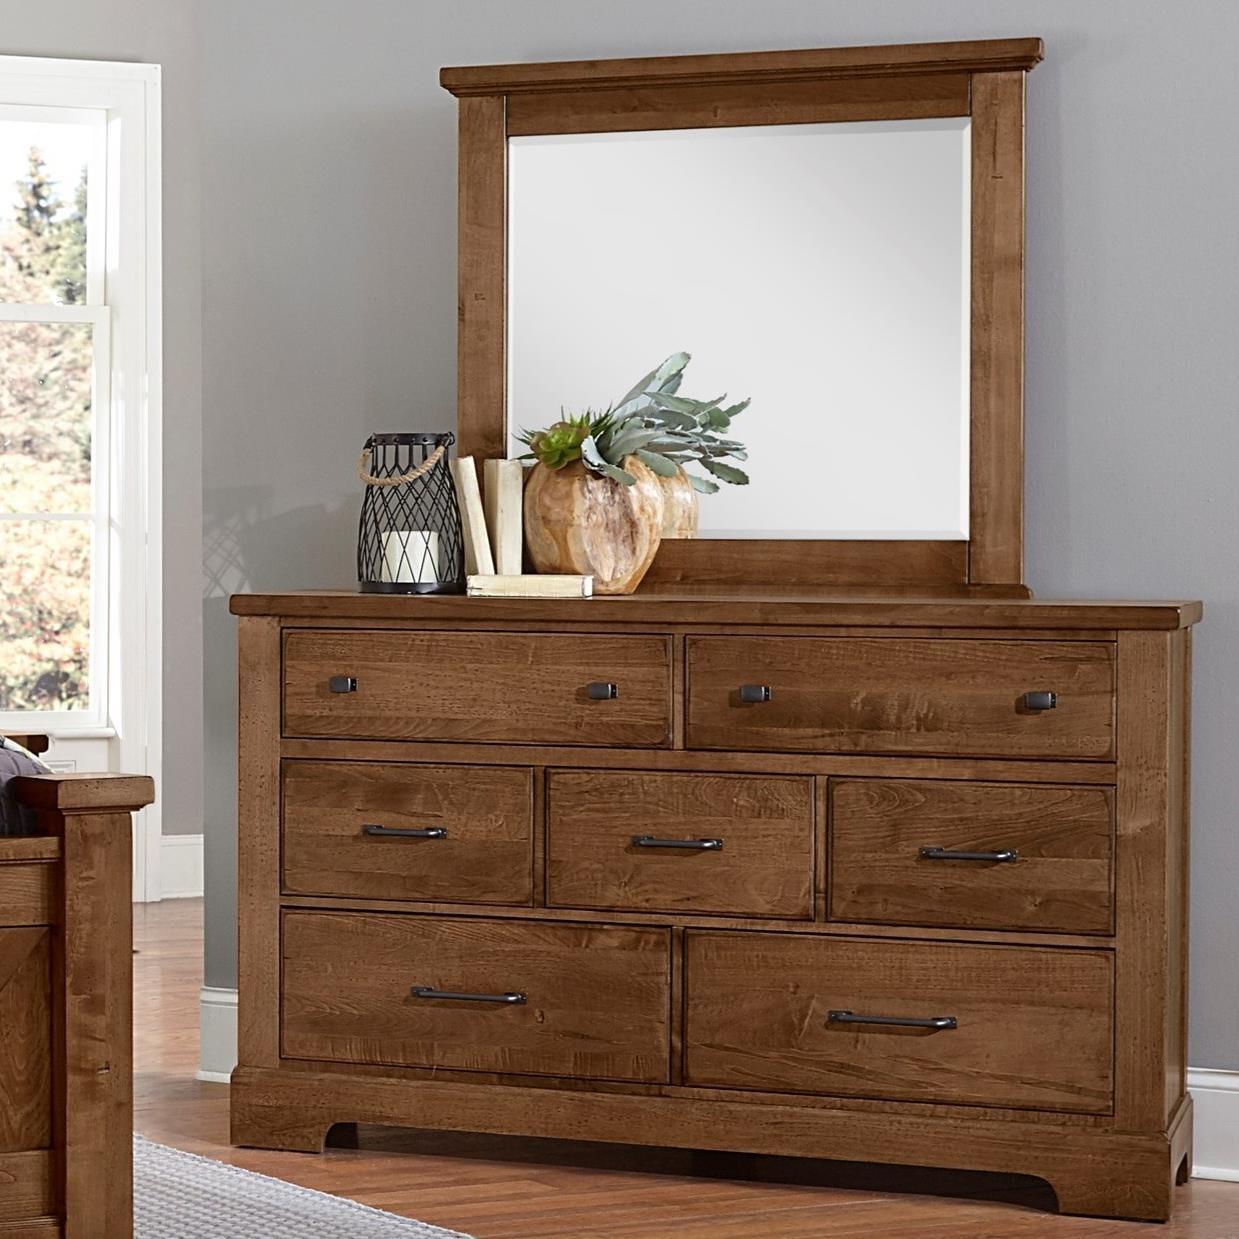 7 Drawer Dresser and Mirror